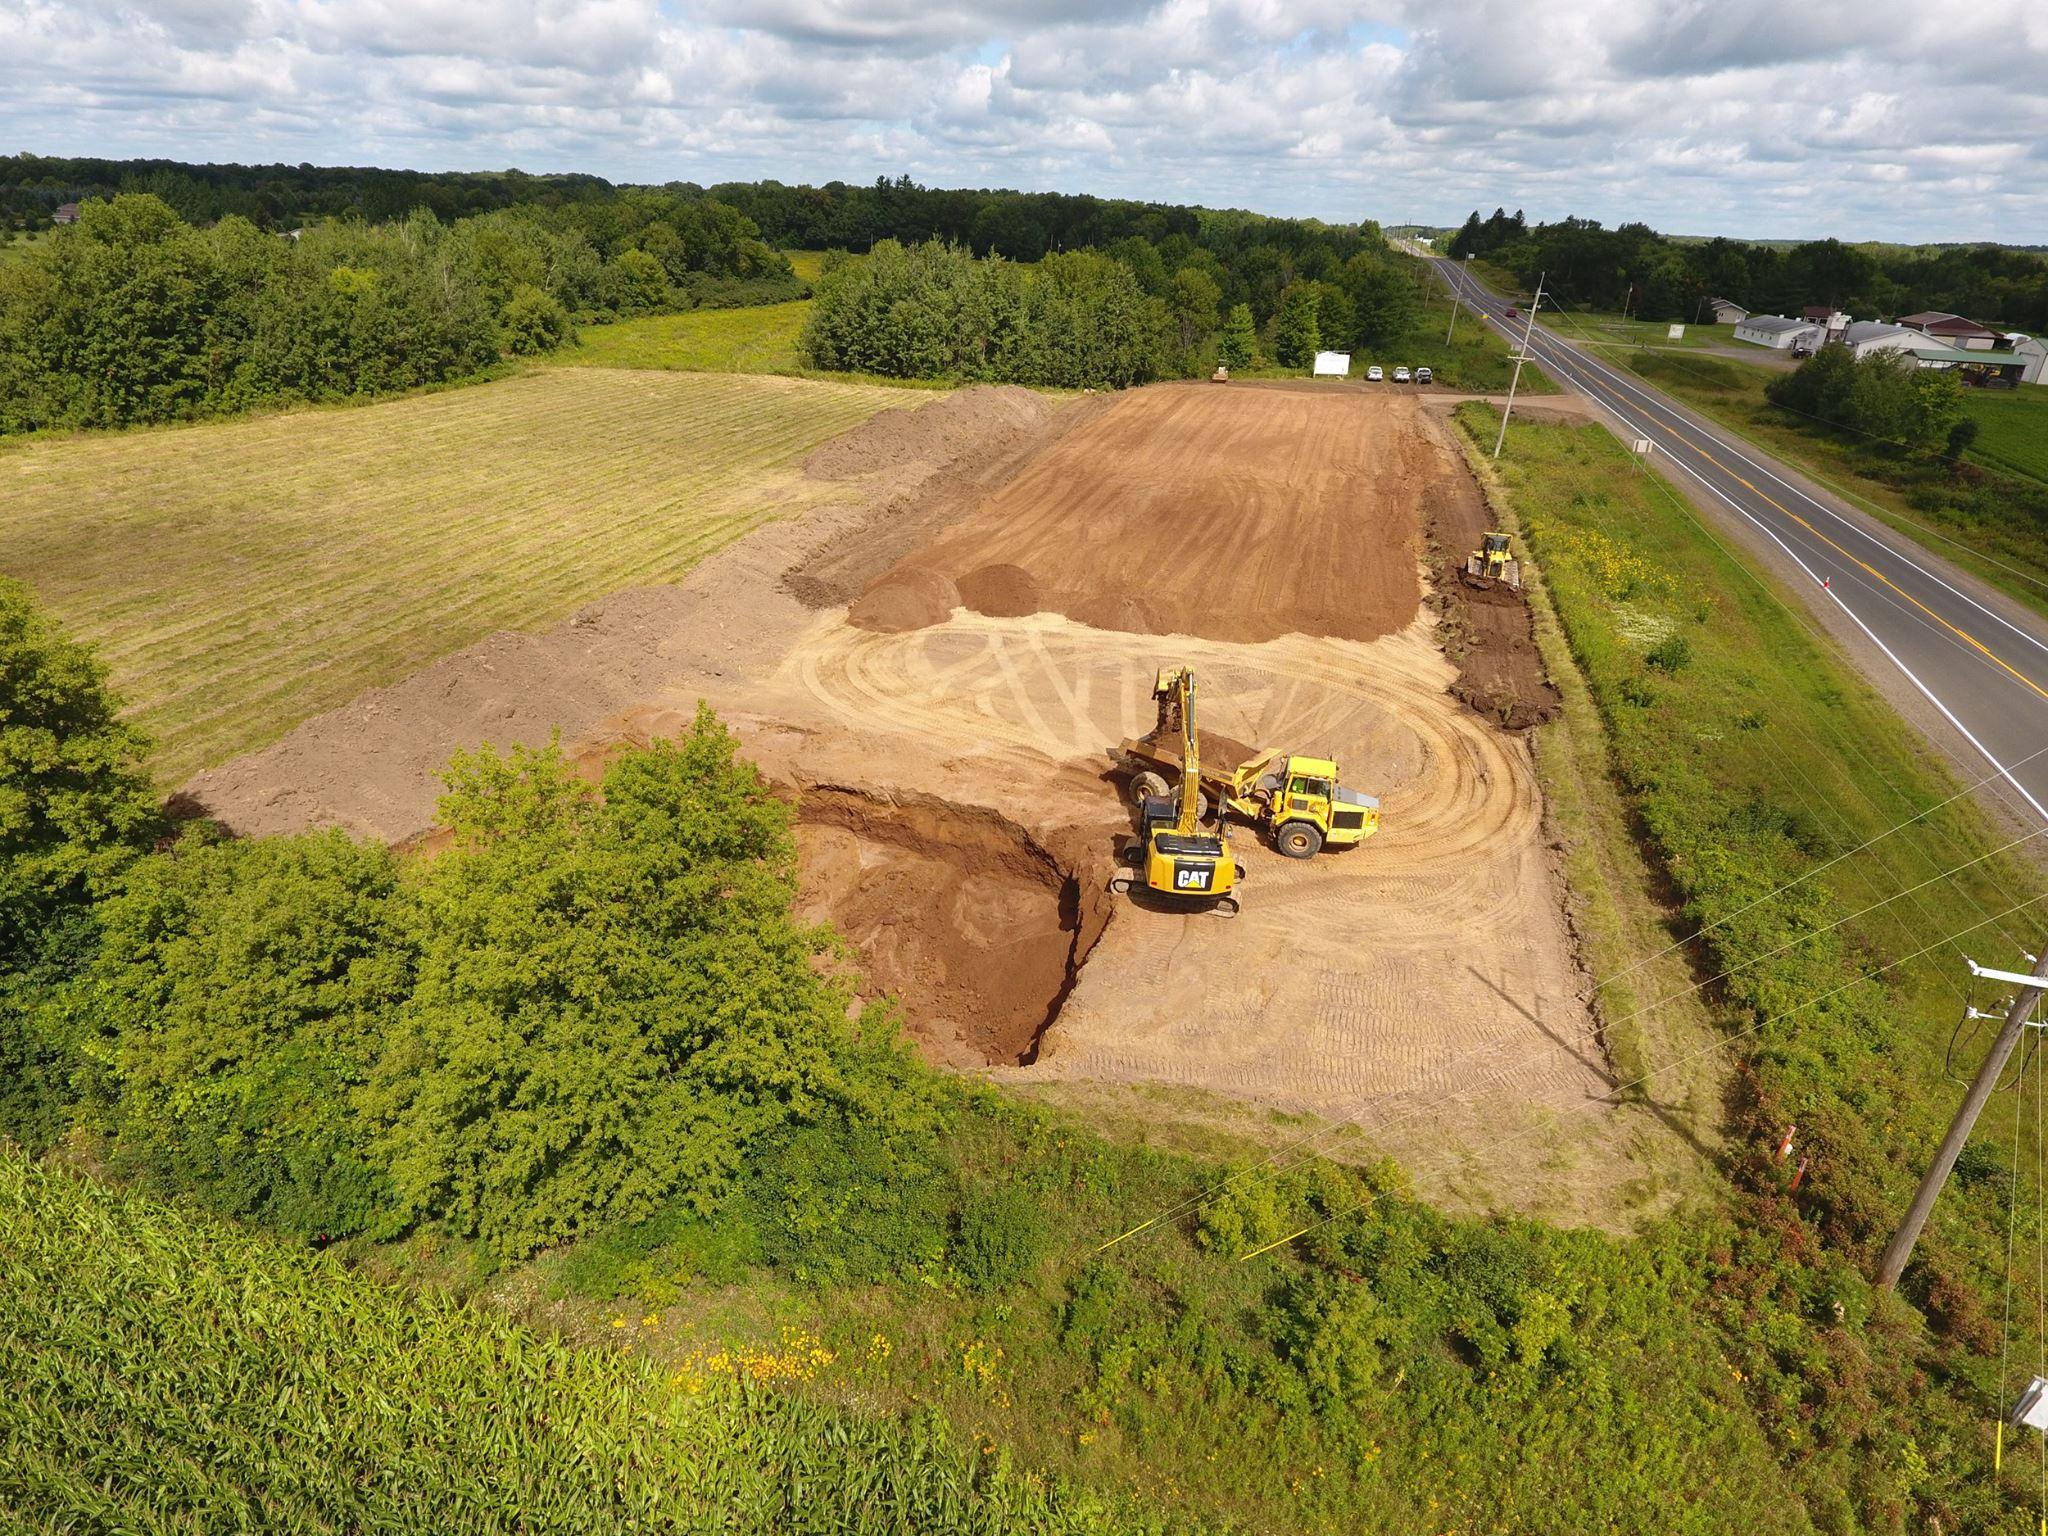 jsgc_excavation_08-24-17_storage-site-prep3.jpg